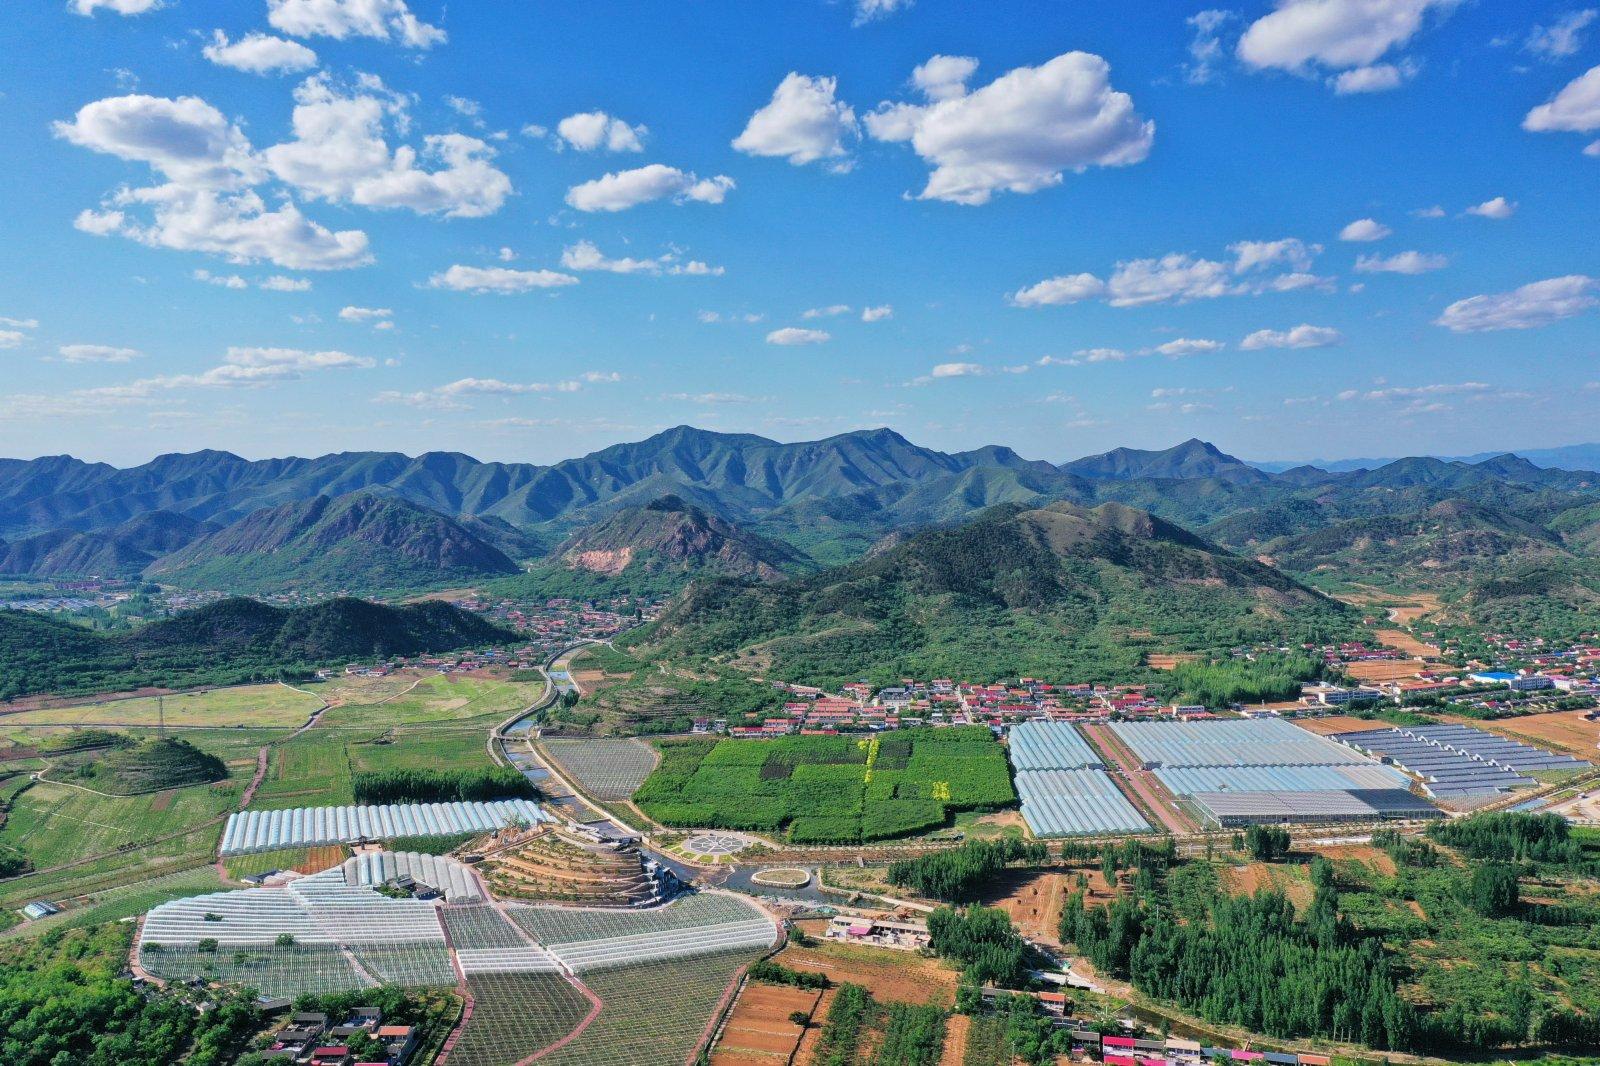 這是6月3日拍攝的河北省遷西縣花鄉果巷田園綜合體(無人機照片)。(新華社)